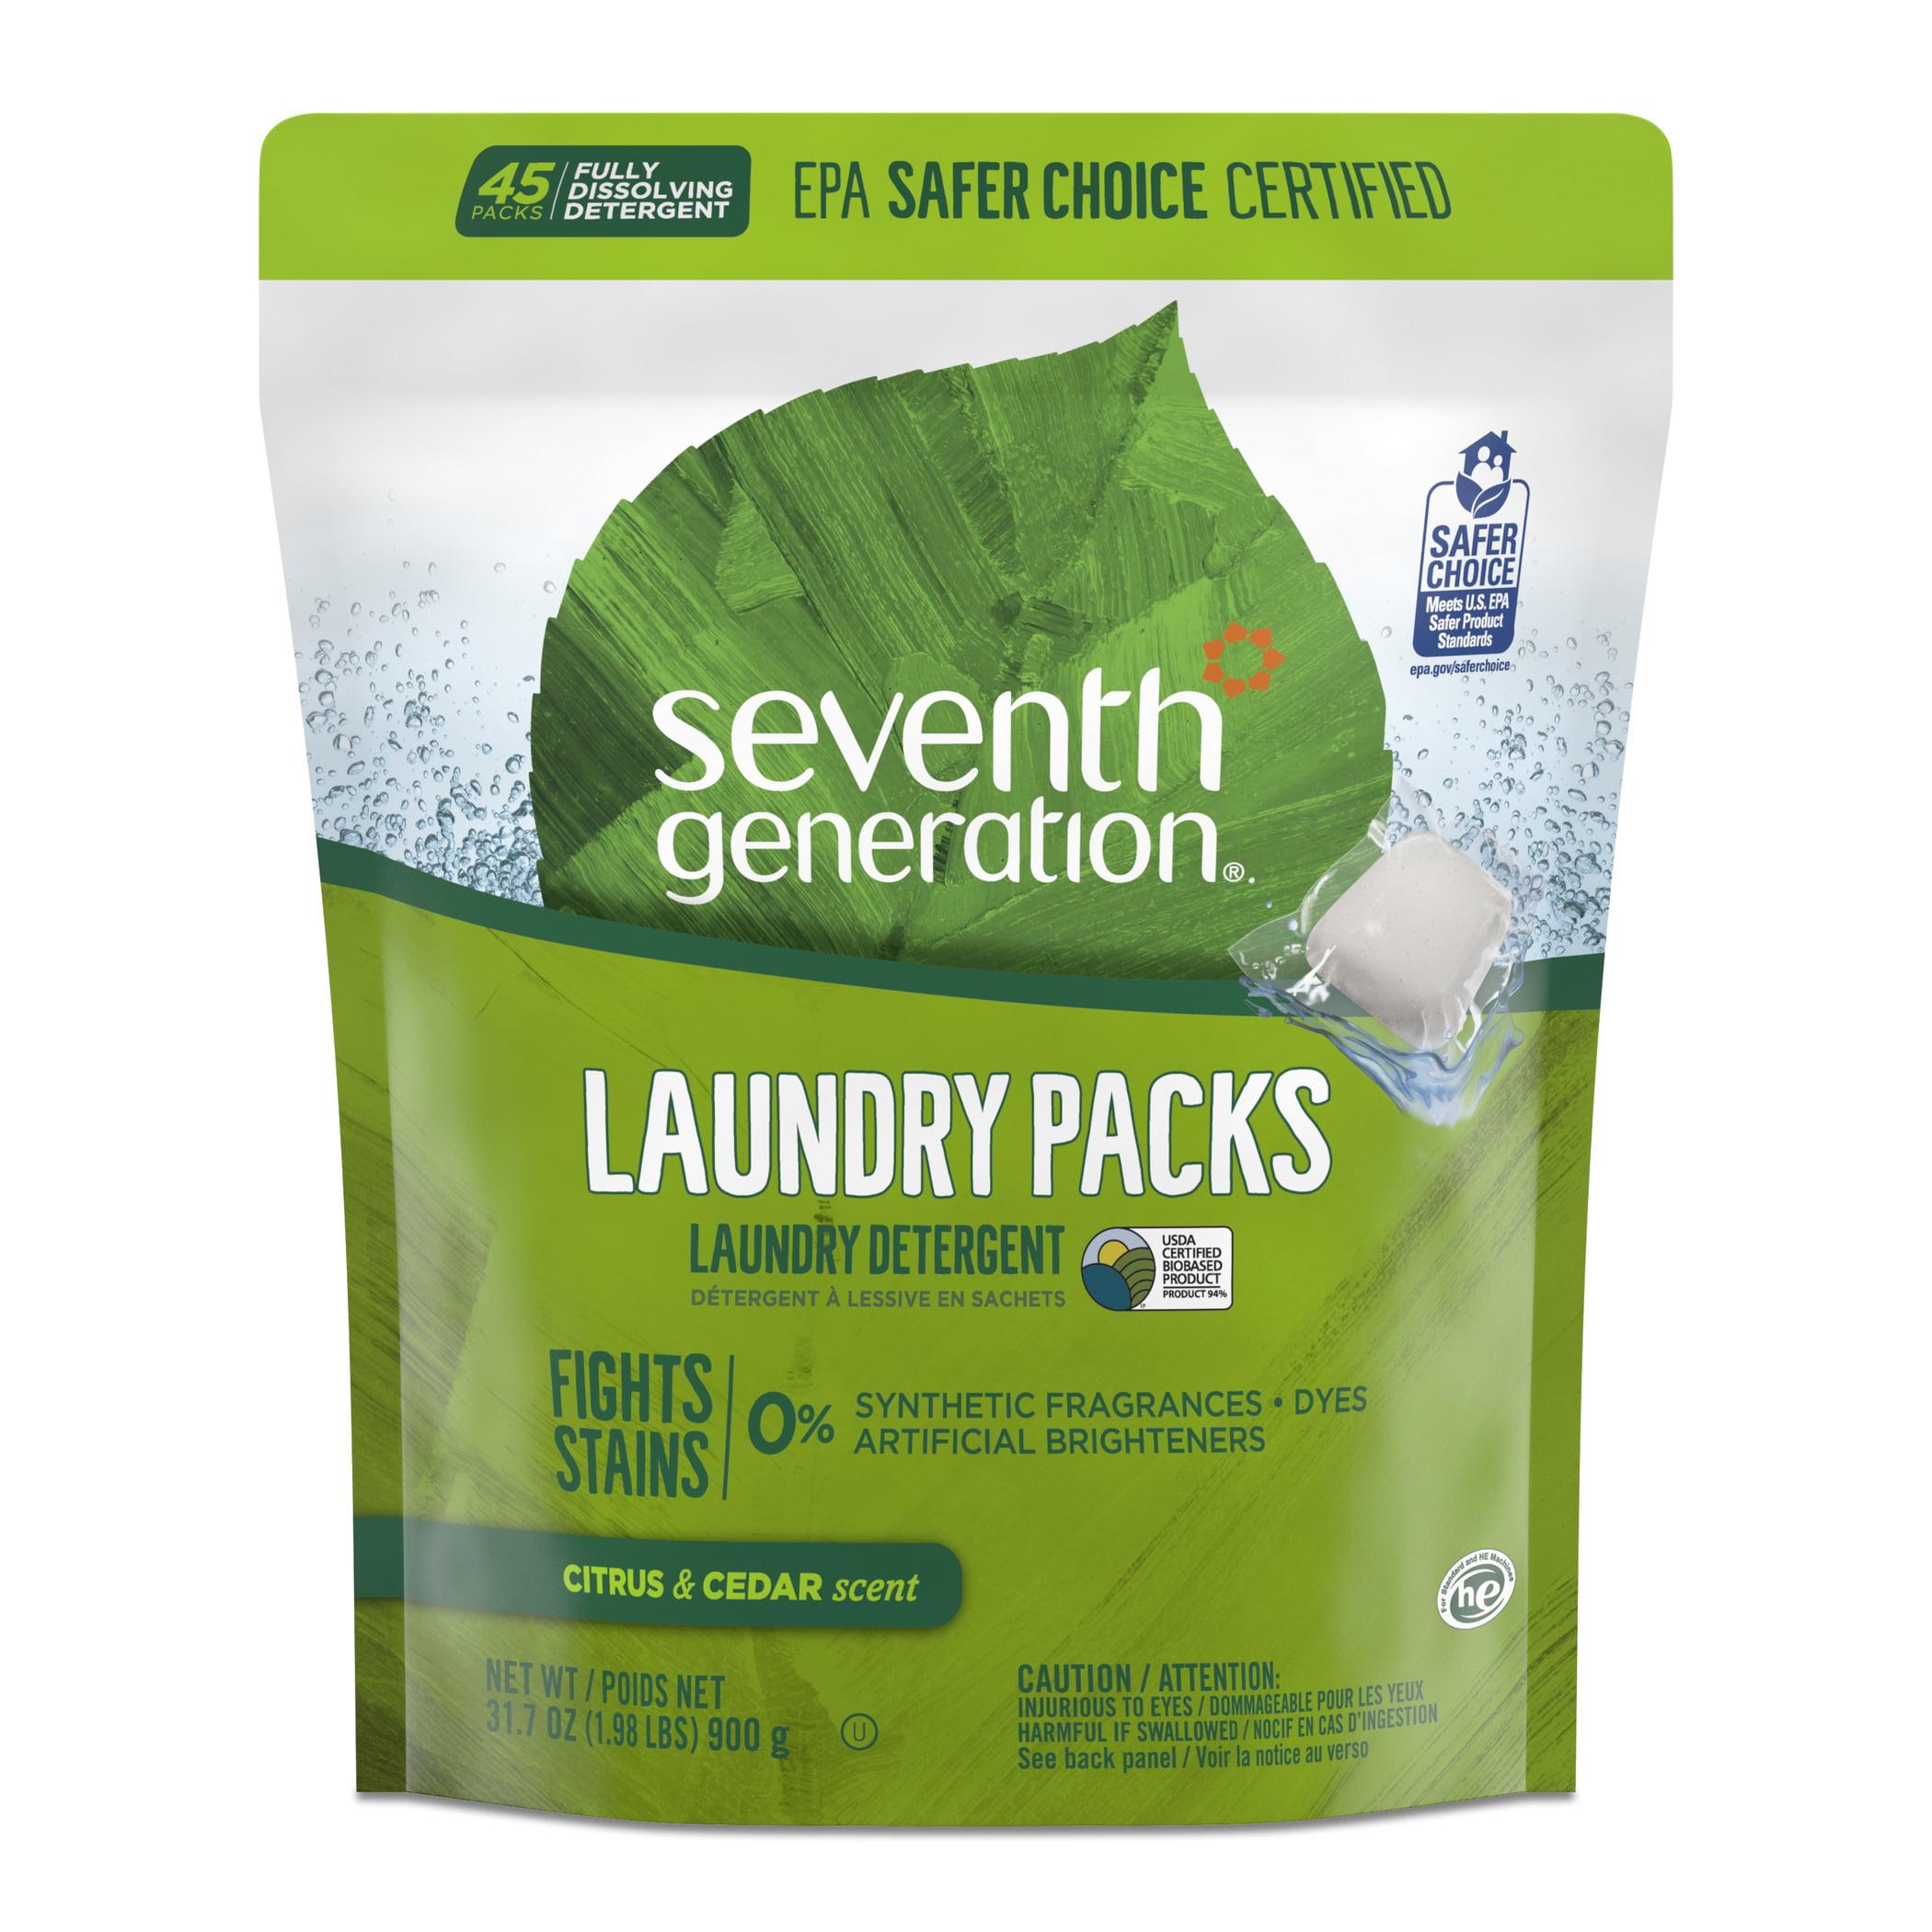 Seventh Generation Laundry Detergent Packs, Citrus & Cedar scent, 45 count